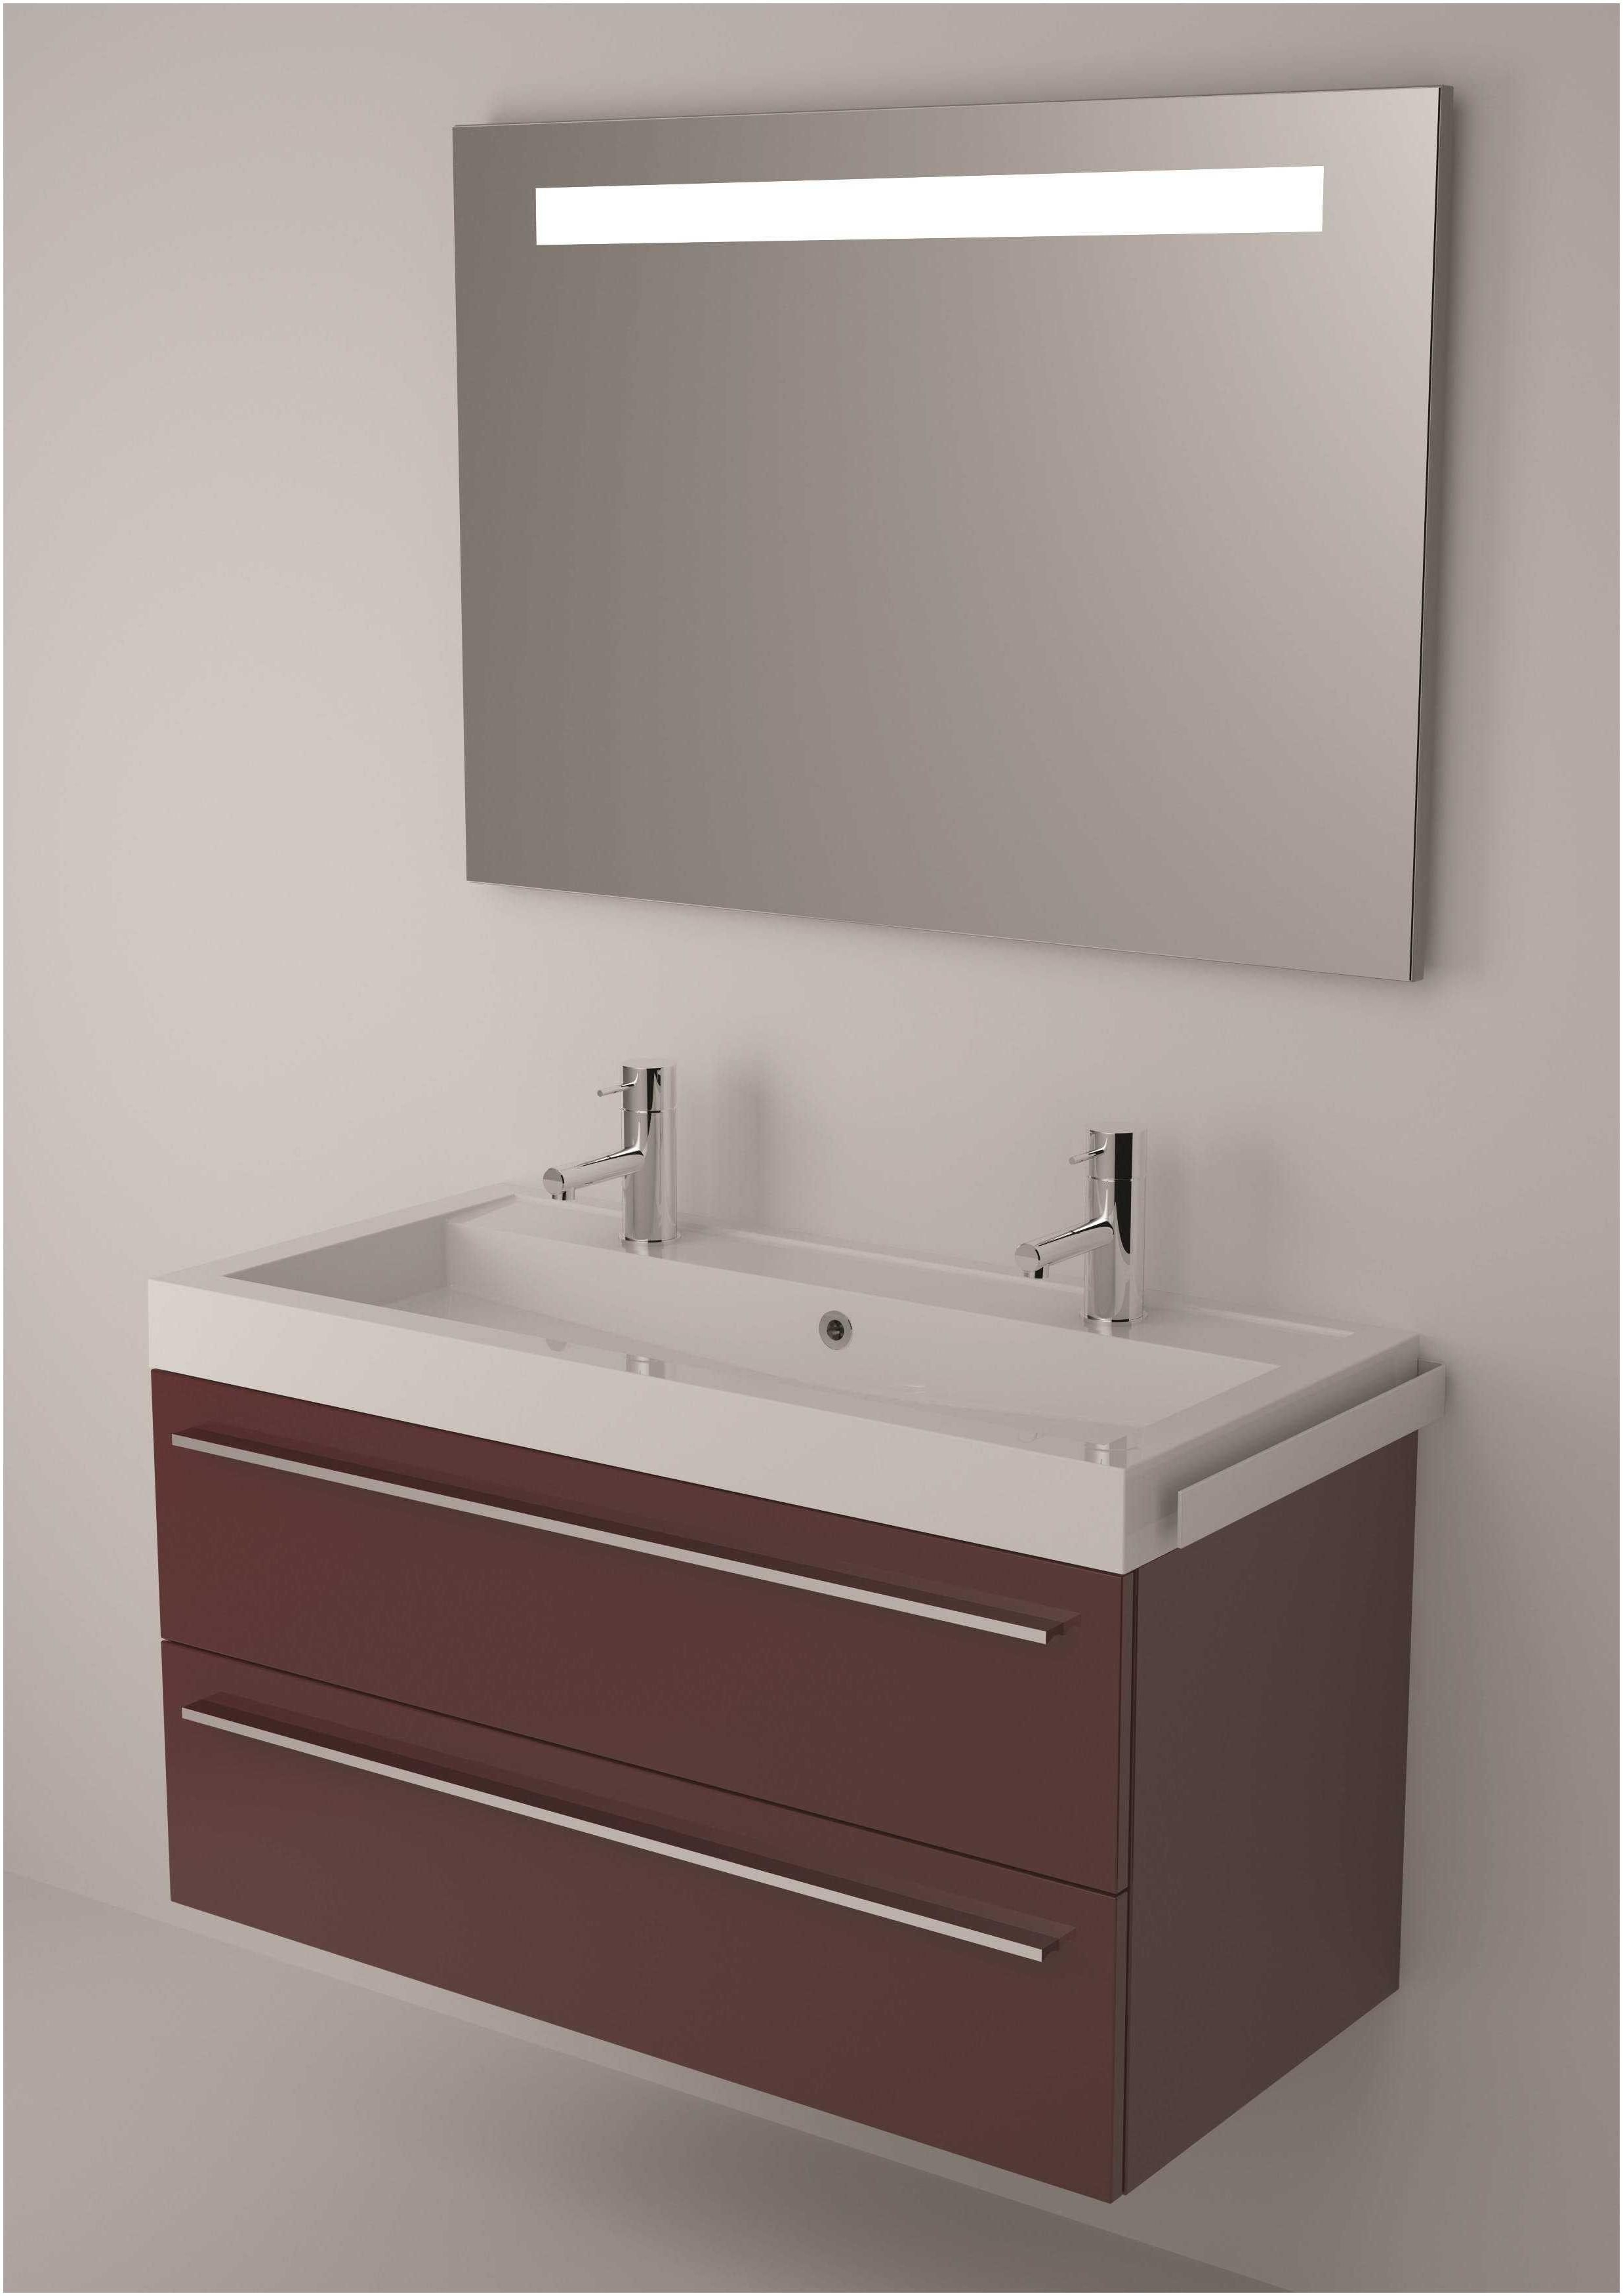 meuble double vasque ikea impressionnant images ikea armoire de salle de bain smdconf. Black Bedroom Furniture Sets. Home Design Ideas